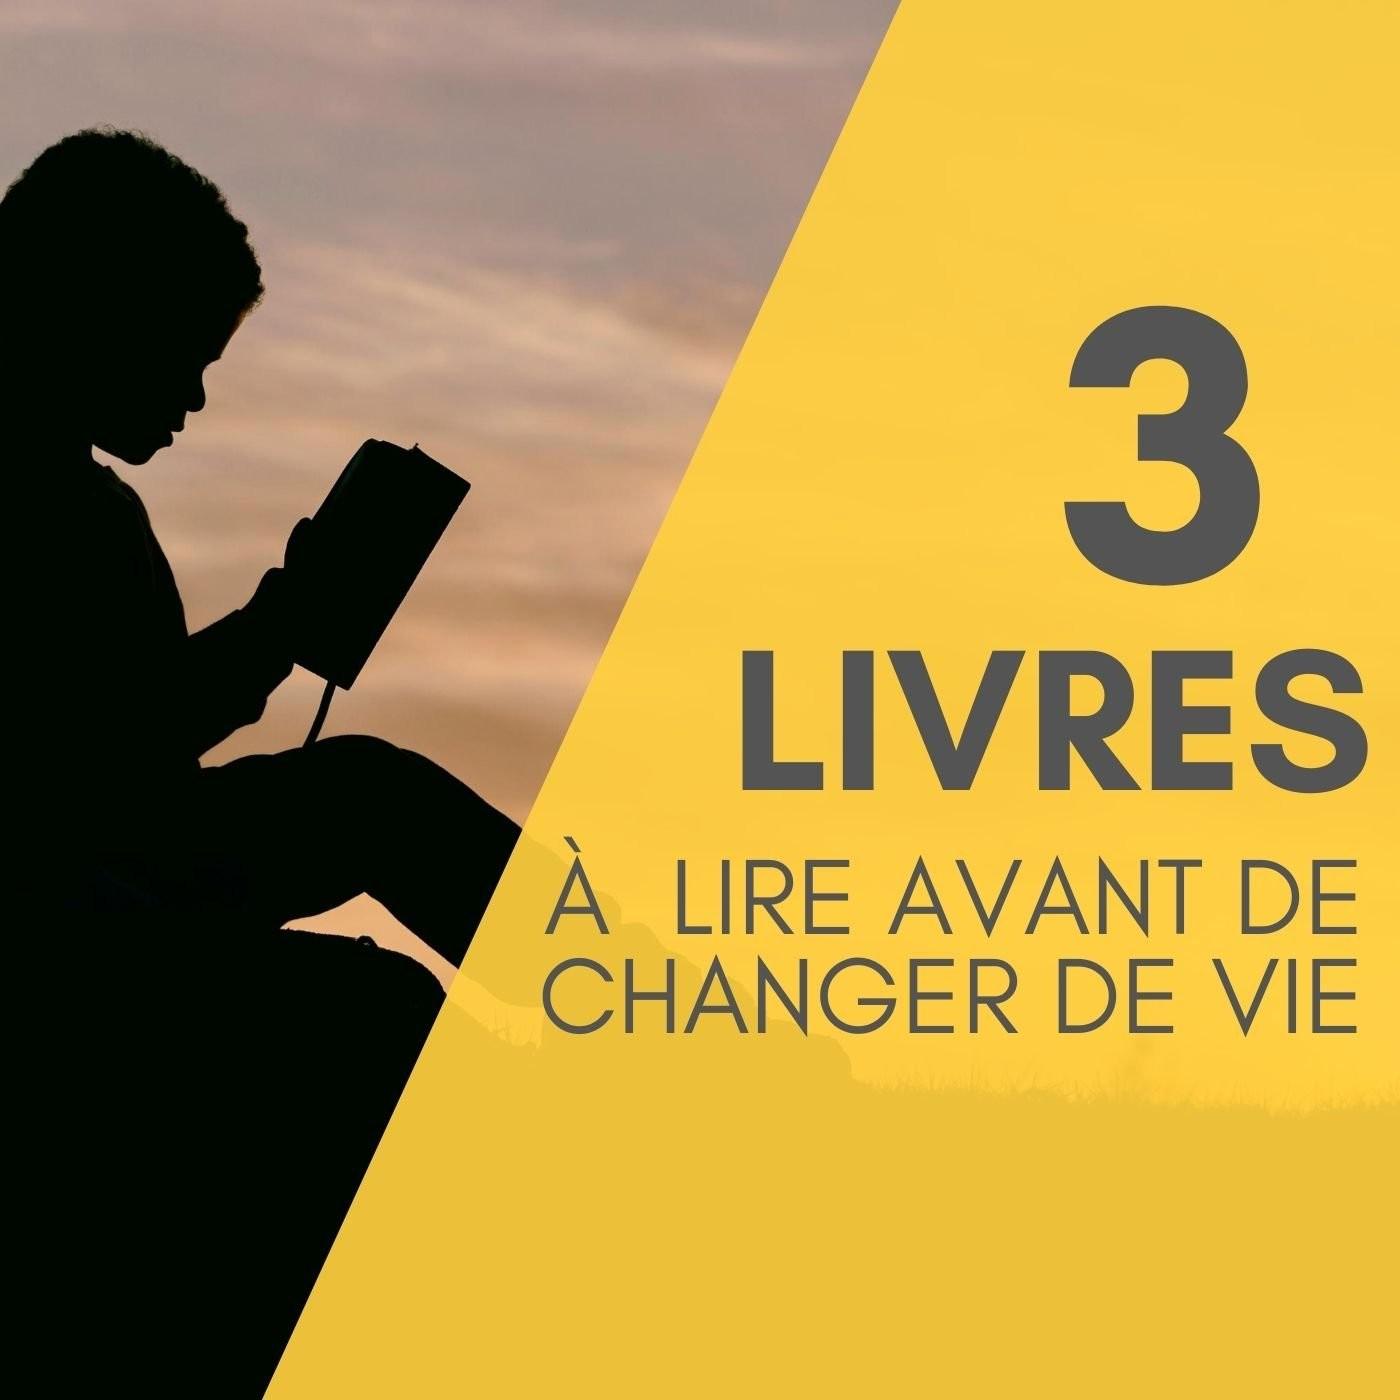 #18 Tuto - Les 3 livres à lire avant de changer de vie